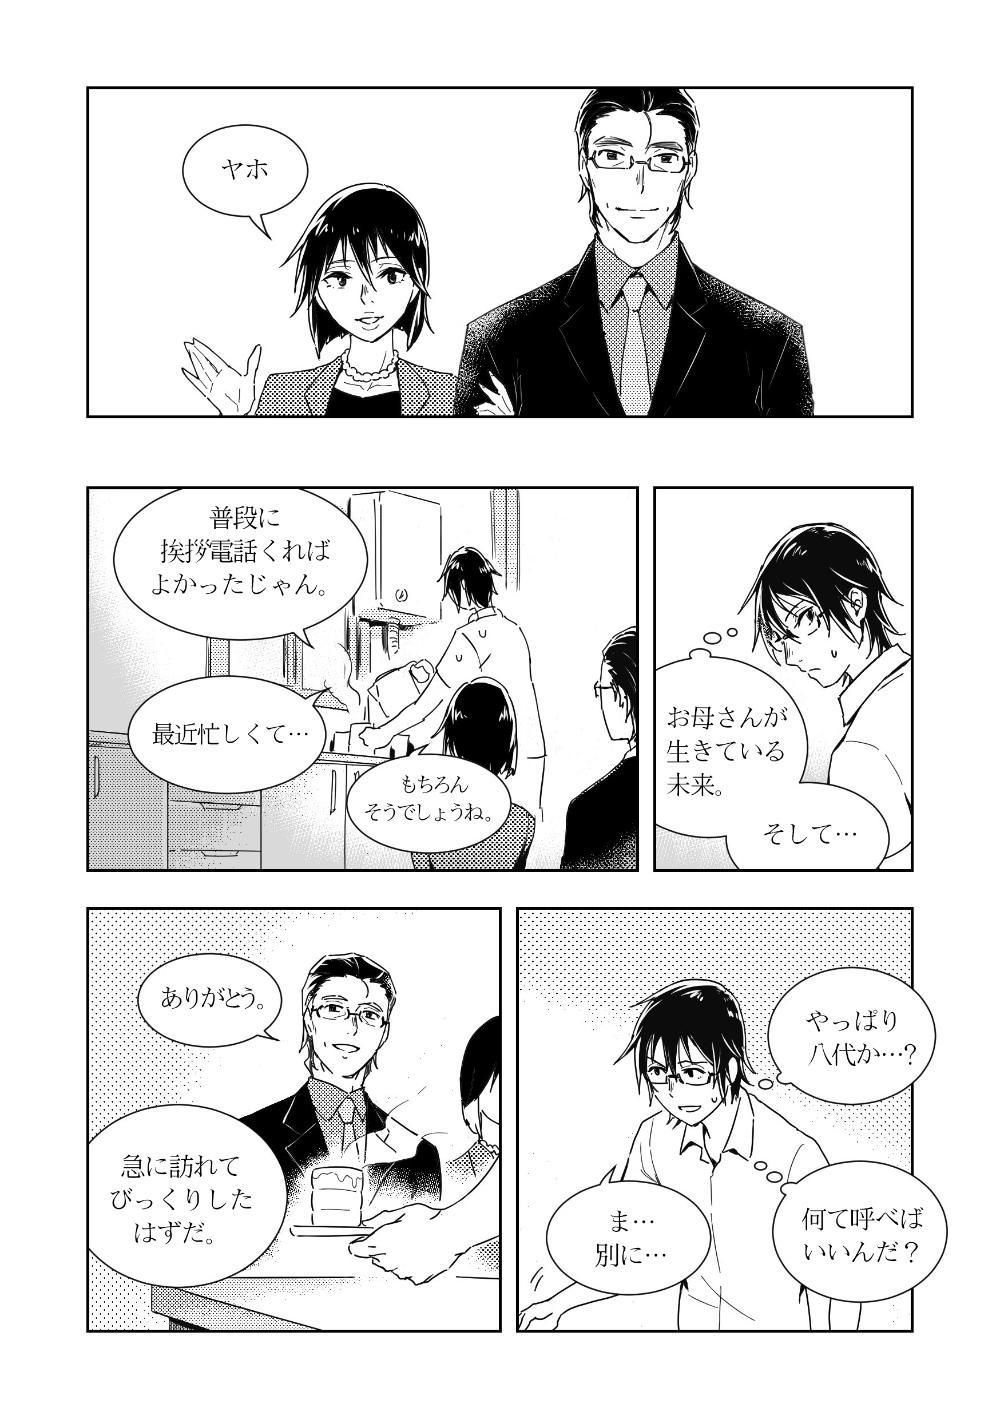 YashiSato Manga 7